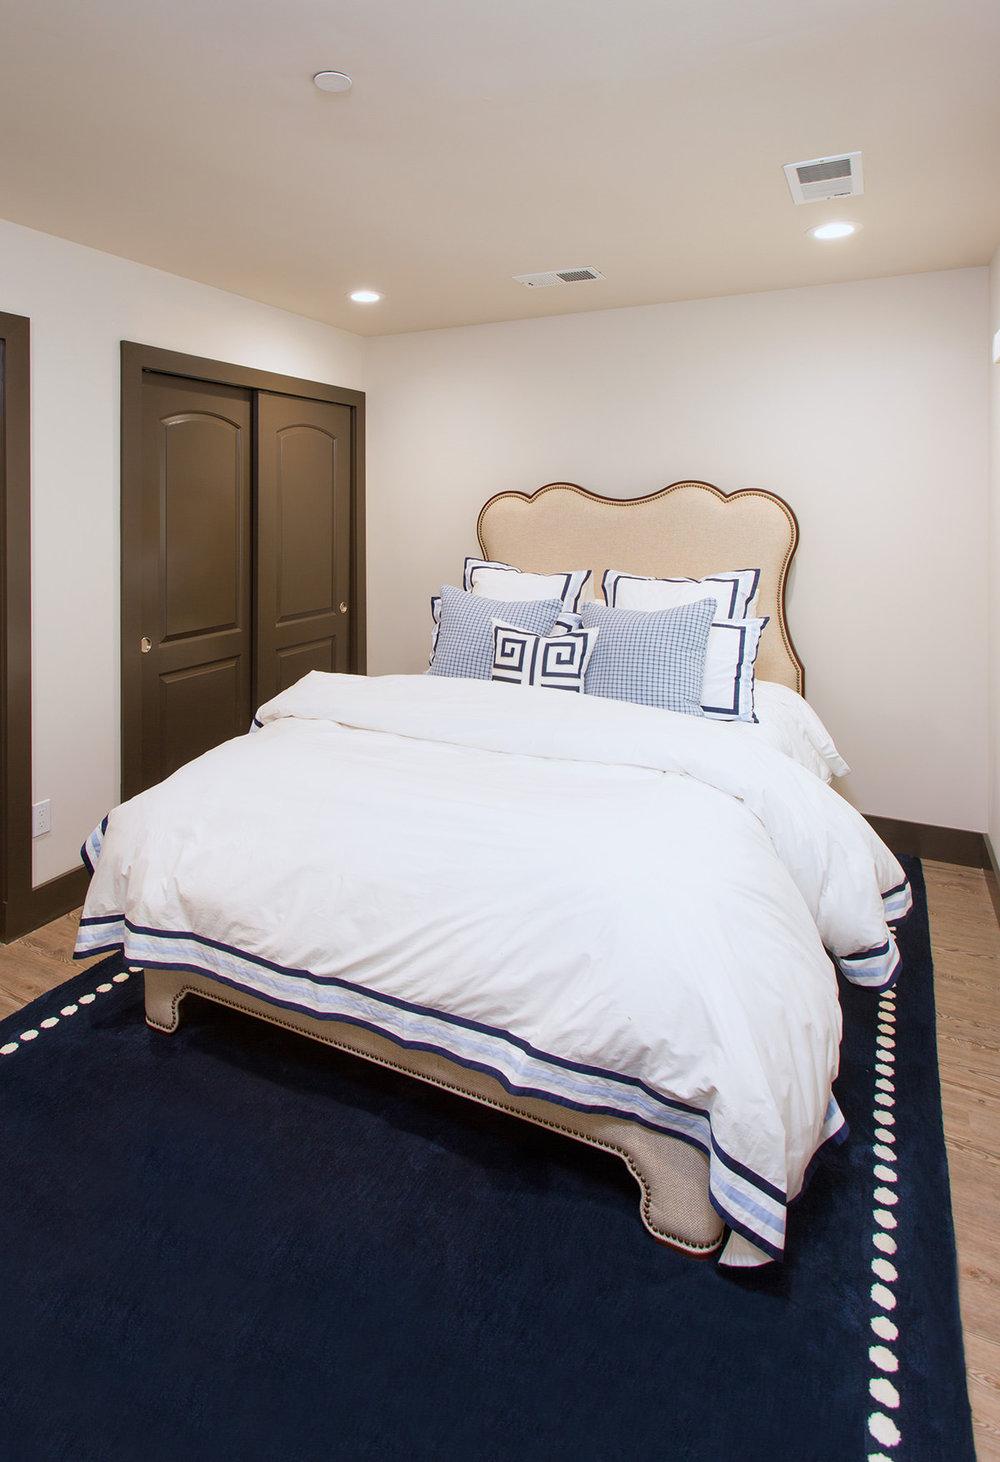 guest-bedroom-interior-design-los-altos-california-ktj-design-co-2.jpg